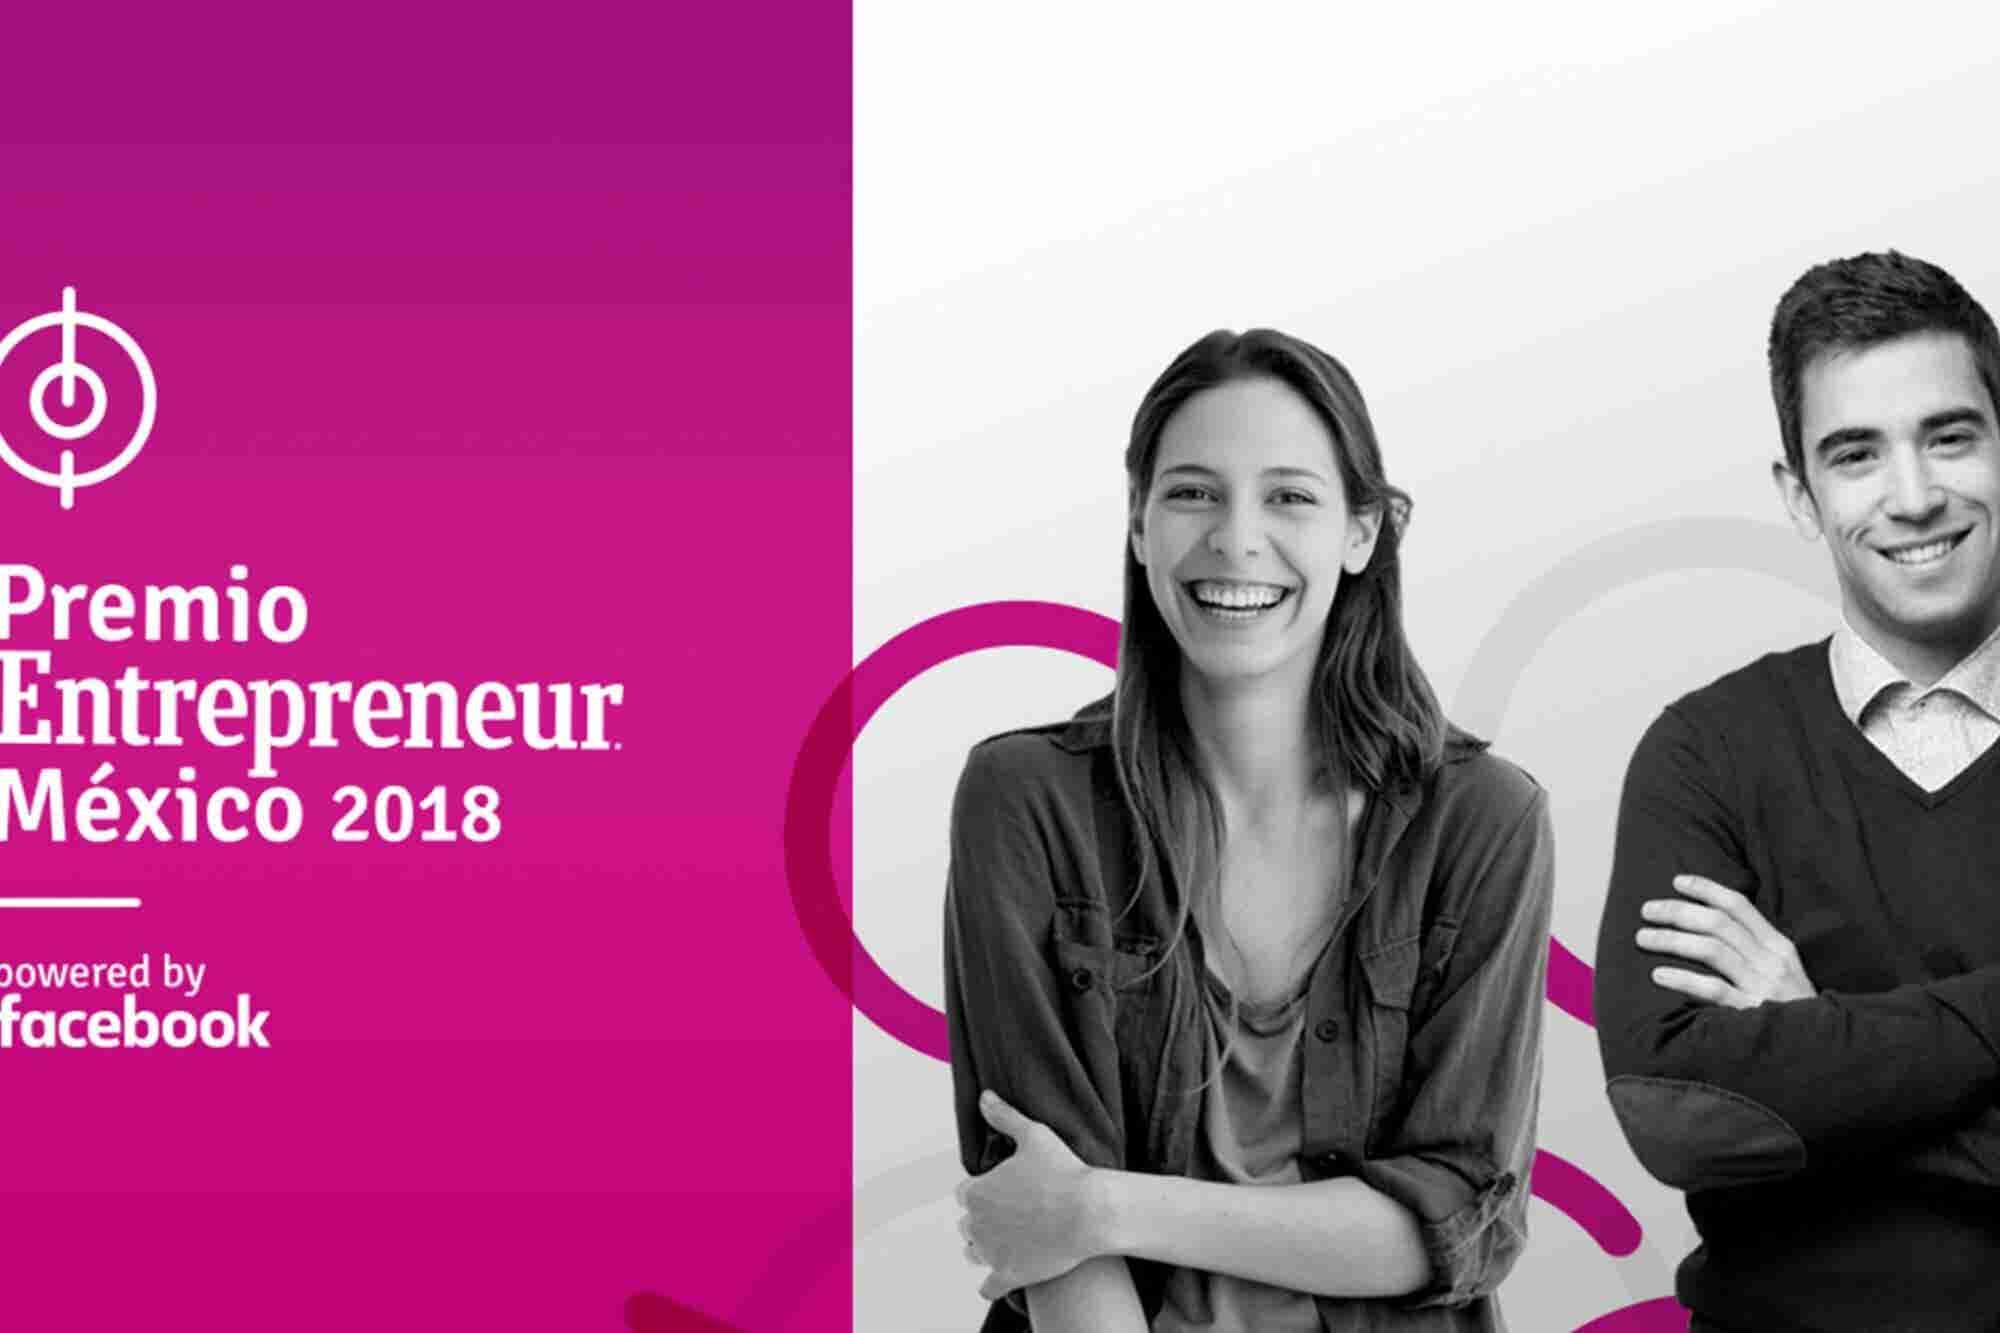 Estos son los semifinalistas del Premio Entrepreneur México 2018